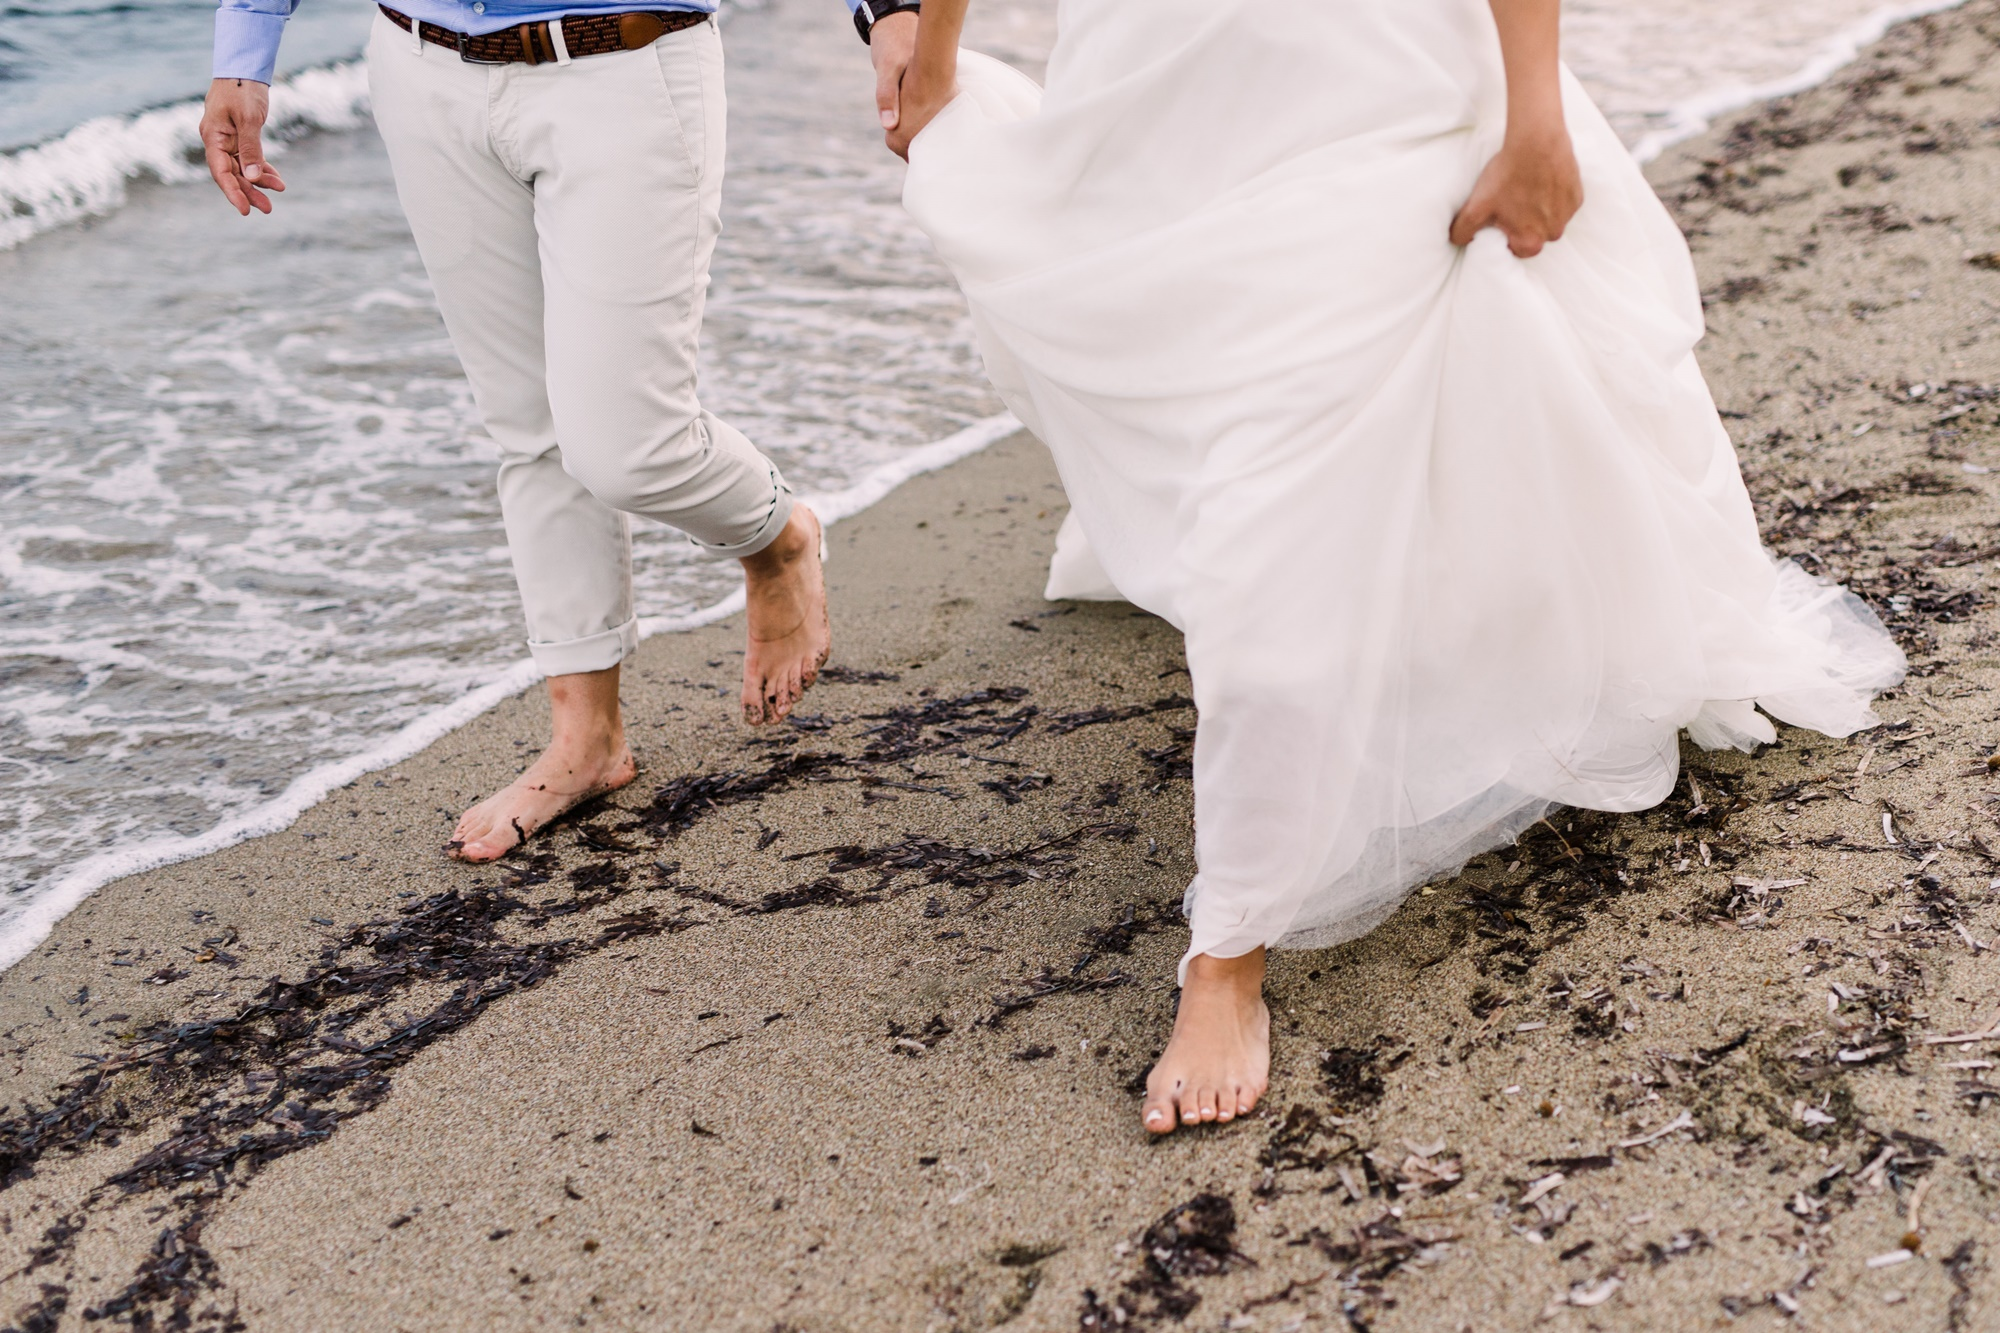 Καλοκαιρινός γάμος με ρομαντικές & rustic πινελιές